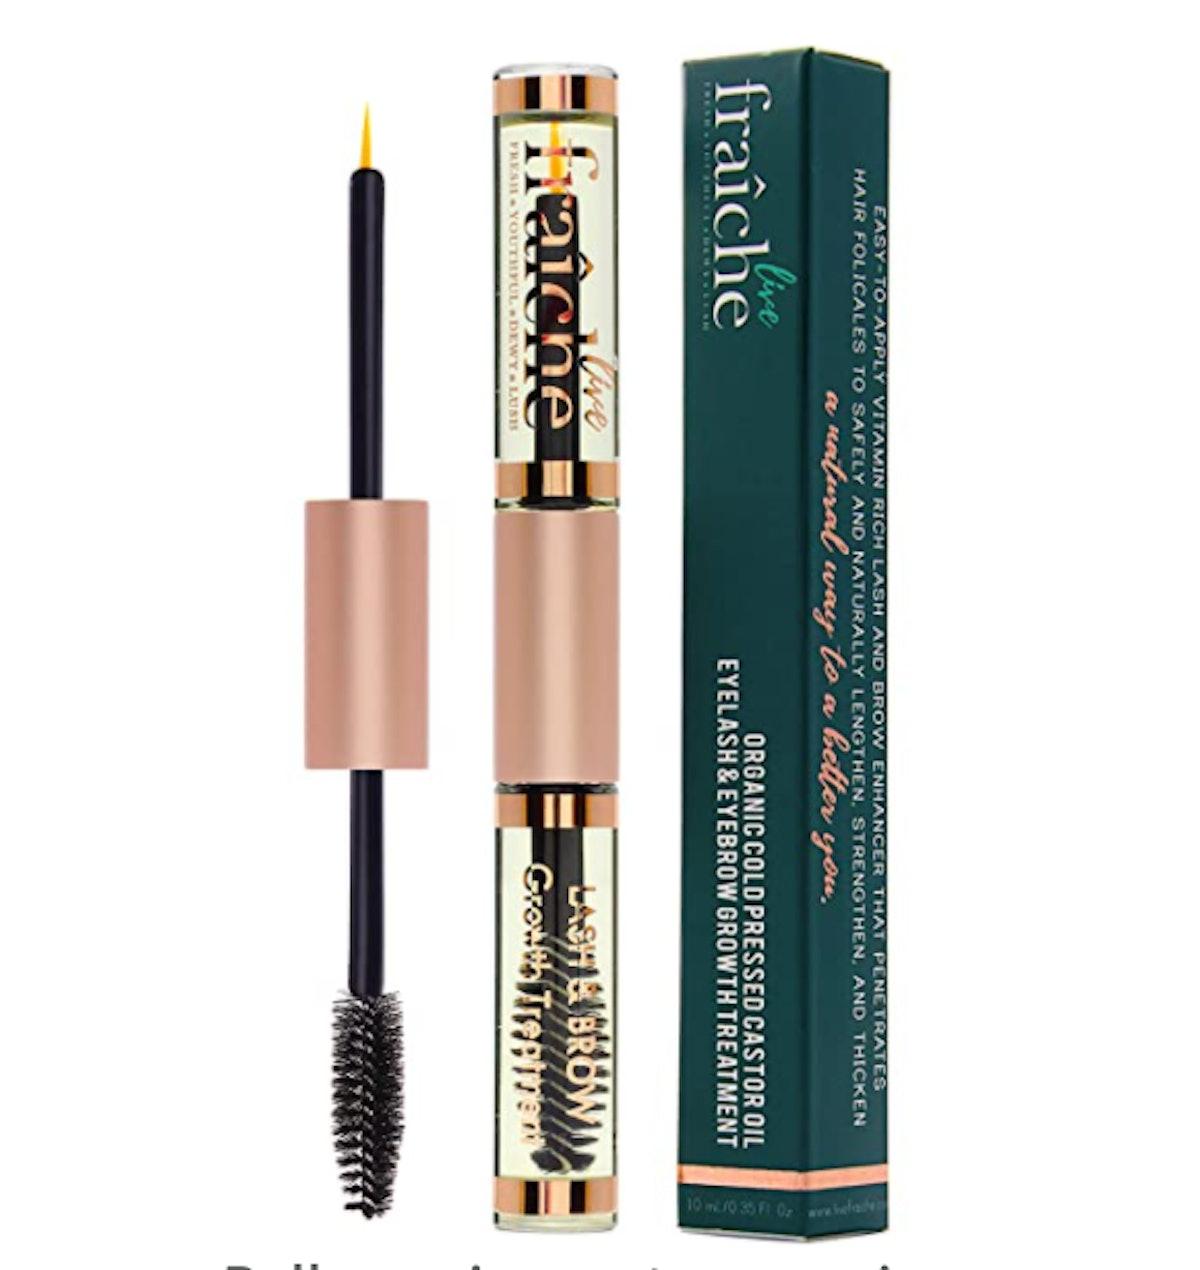 Live Fraiche Organic Eyelash & Eyebrow Growth Treatment